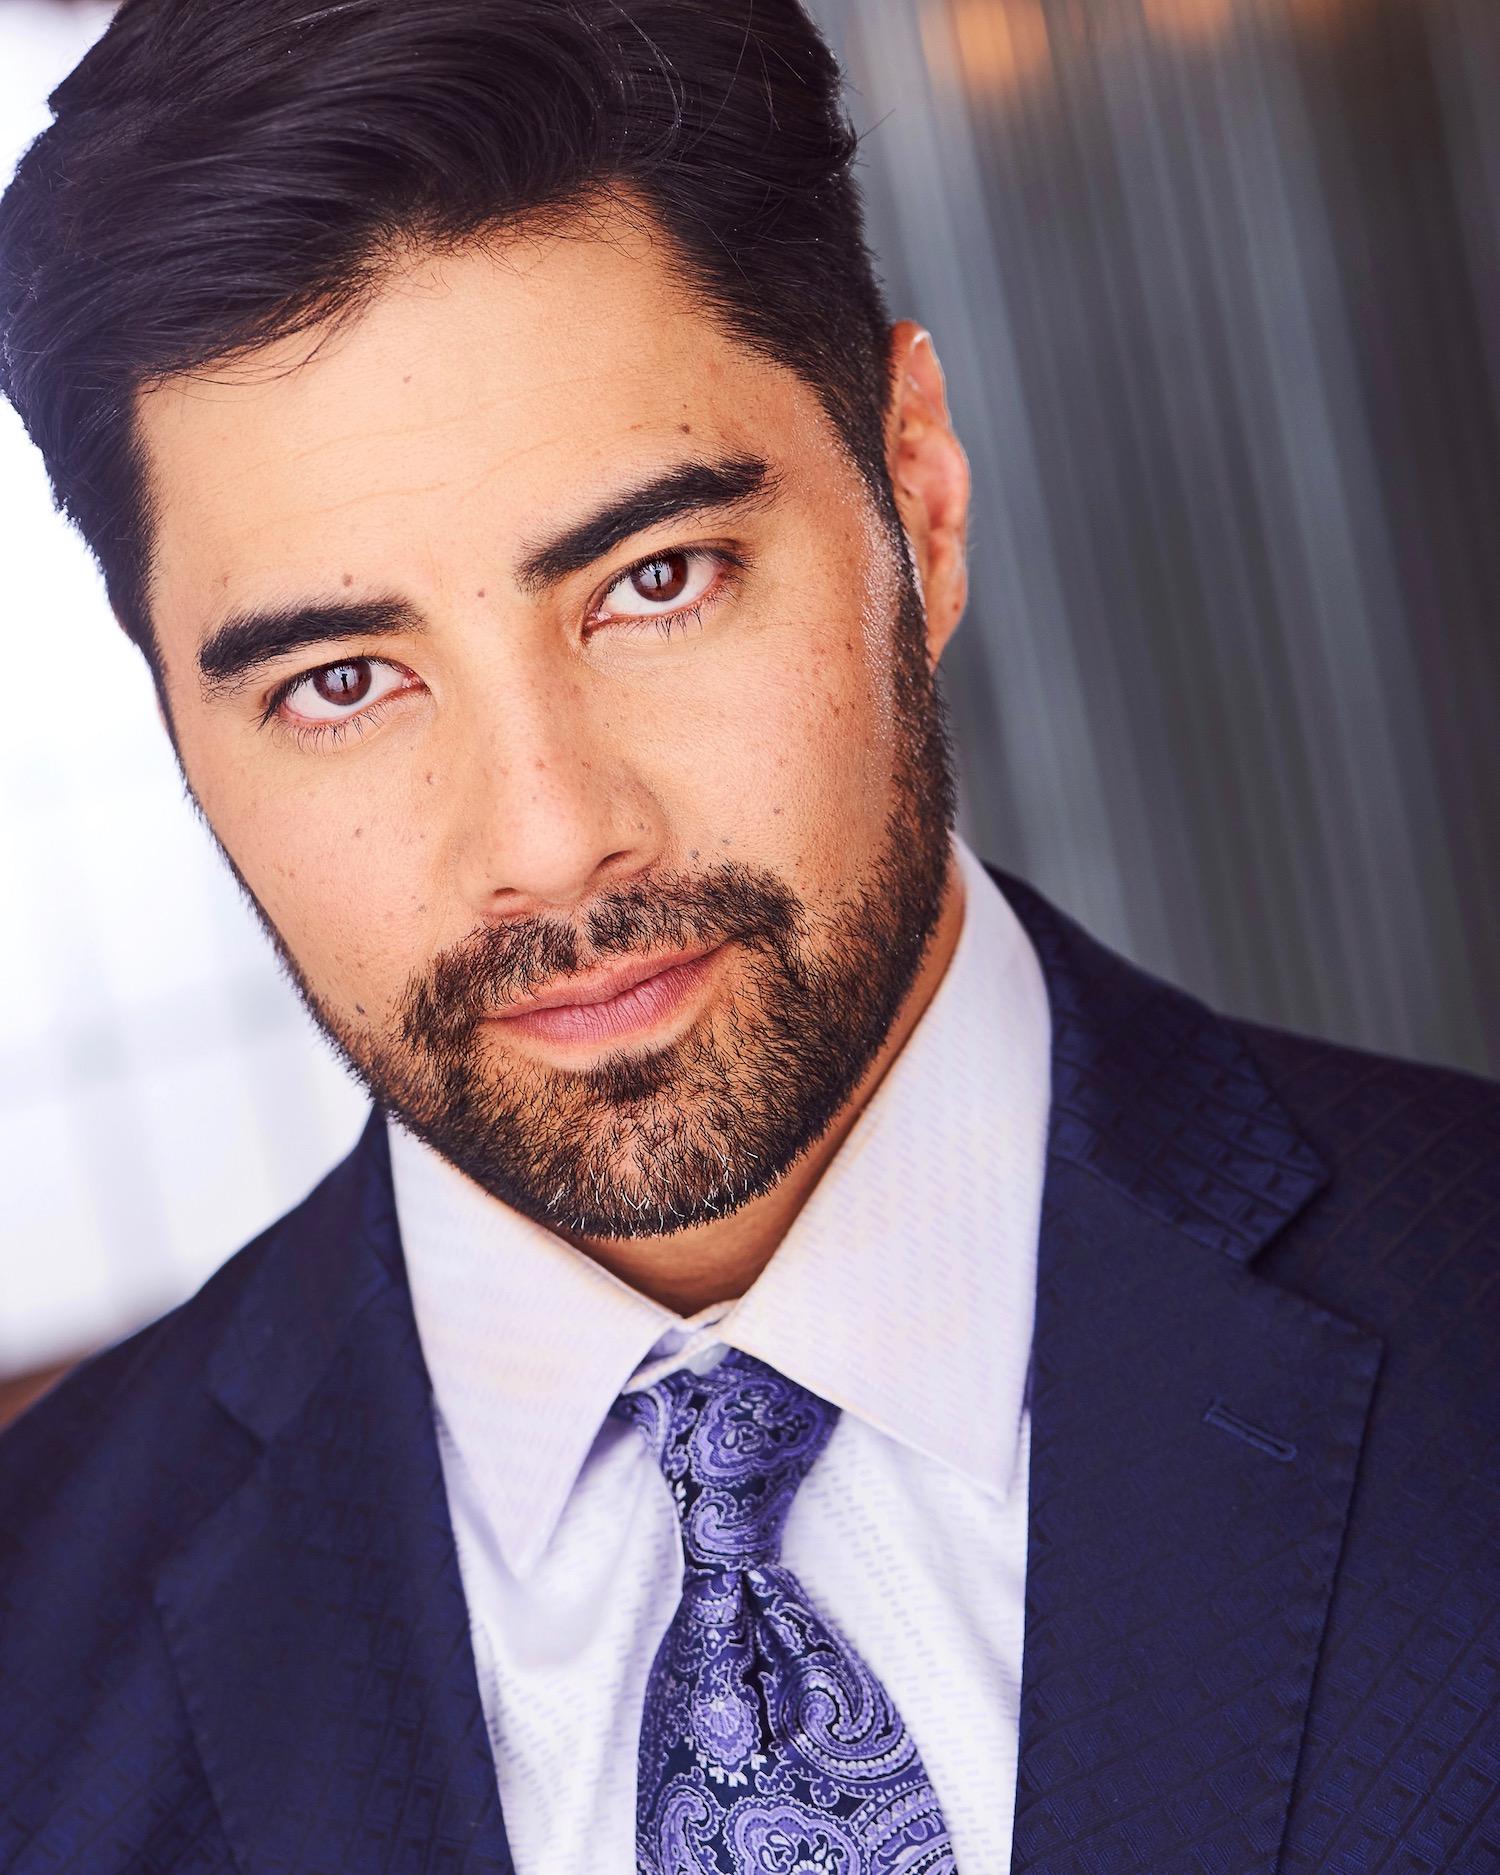 Noshir Dalal - Suit & Beard.jpg